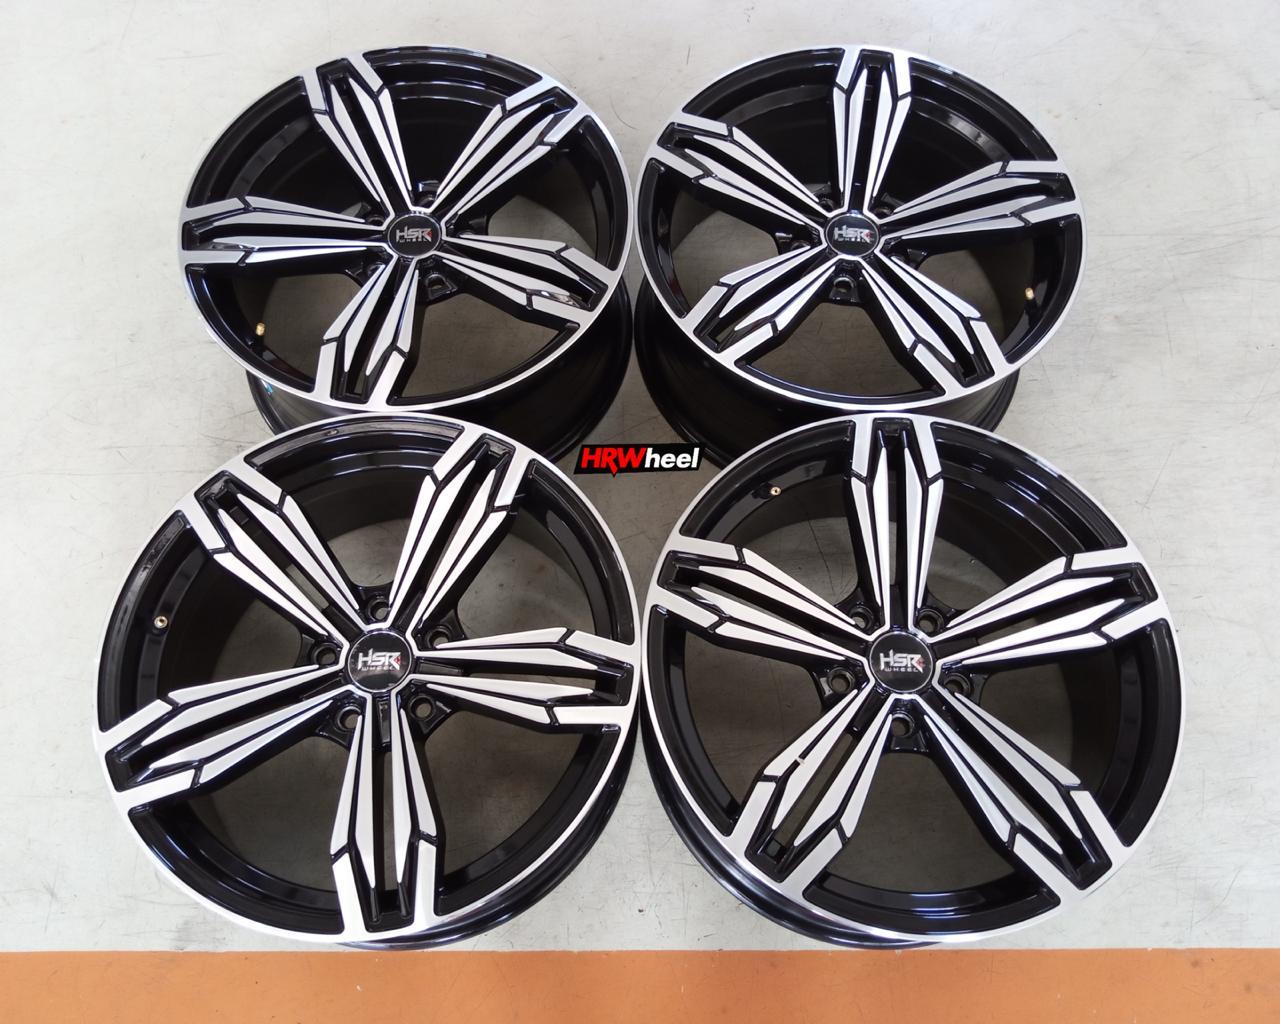 Velg Bekas HSR Type Merkin Ring 18×8 ET:40 Pcd:5×114,3 Black Polish